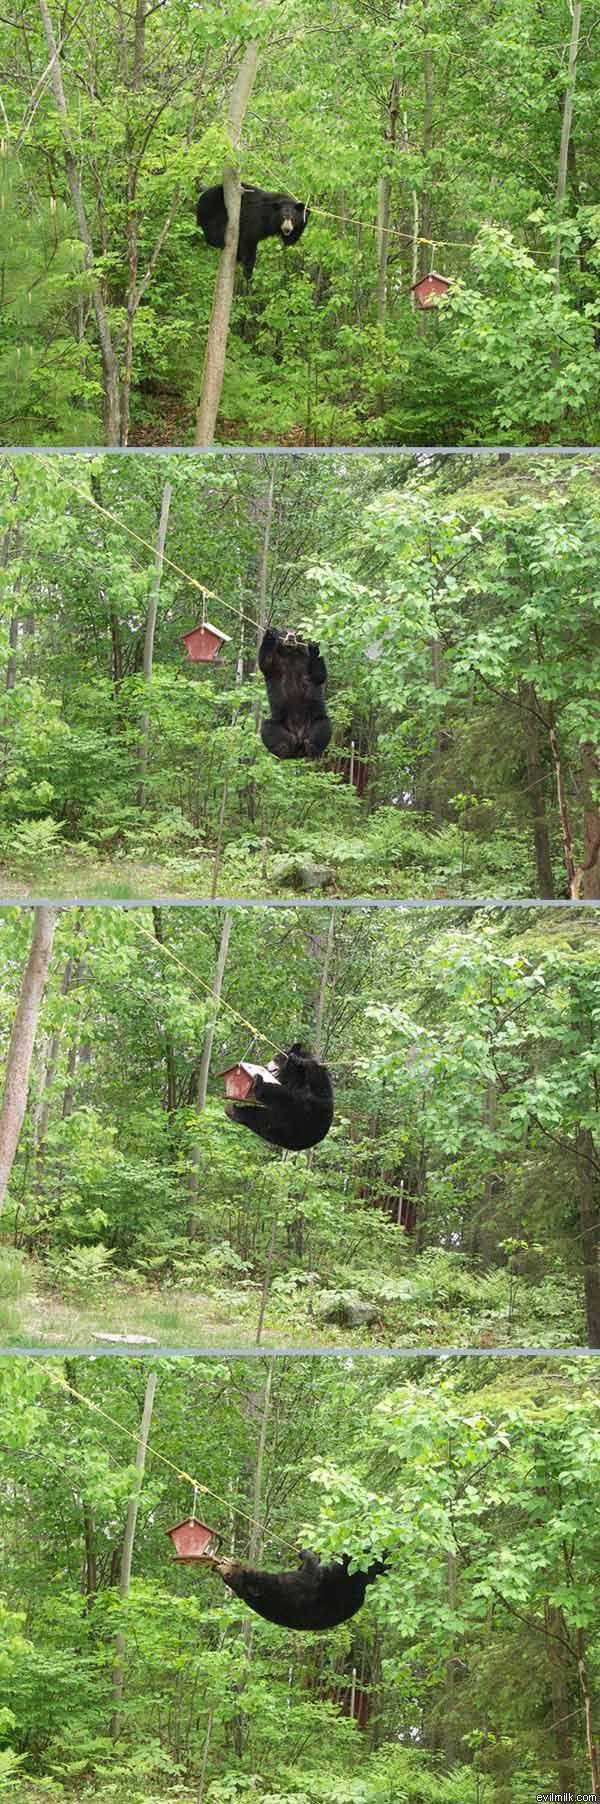 Determined_Bear.jpg